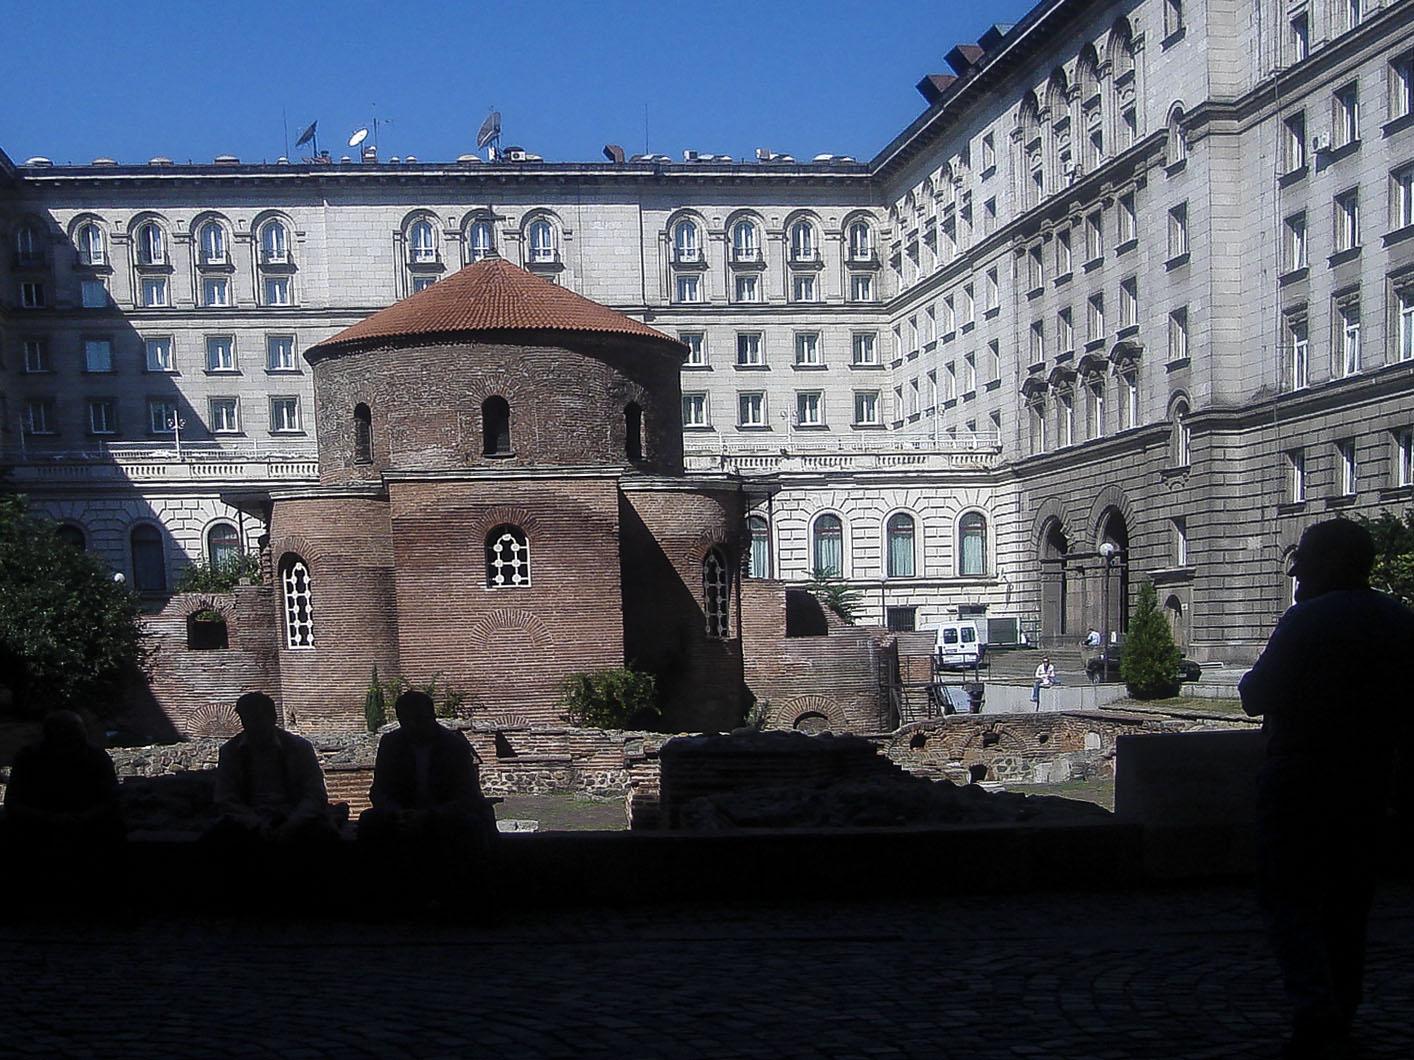 011- MORVAYSZABÓ Edina (Oradea-RO) - Sofia (BG)